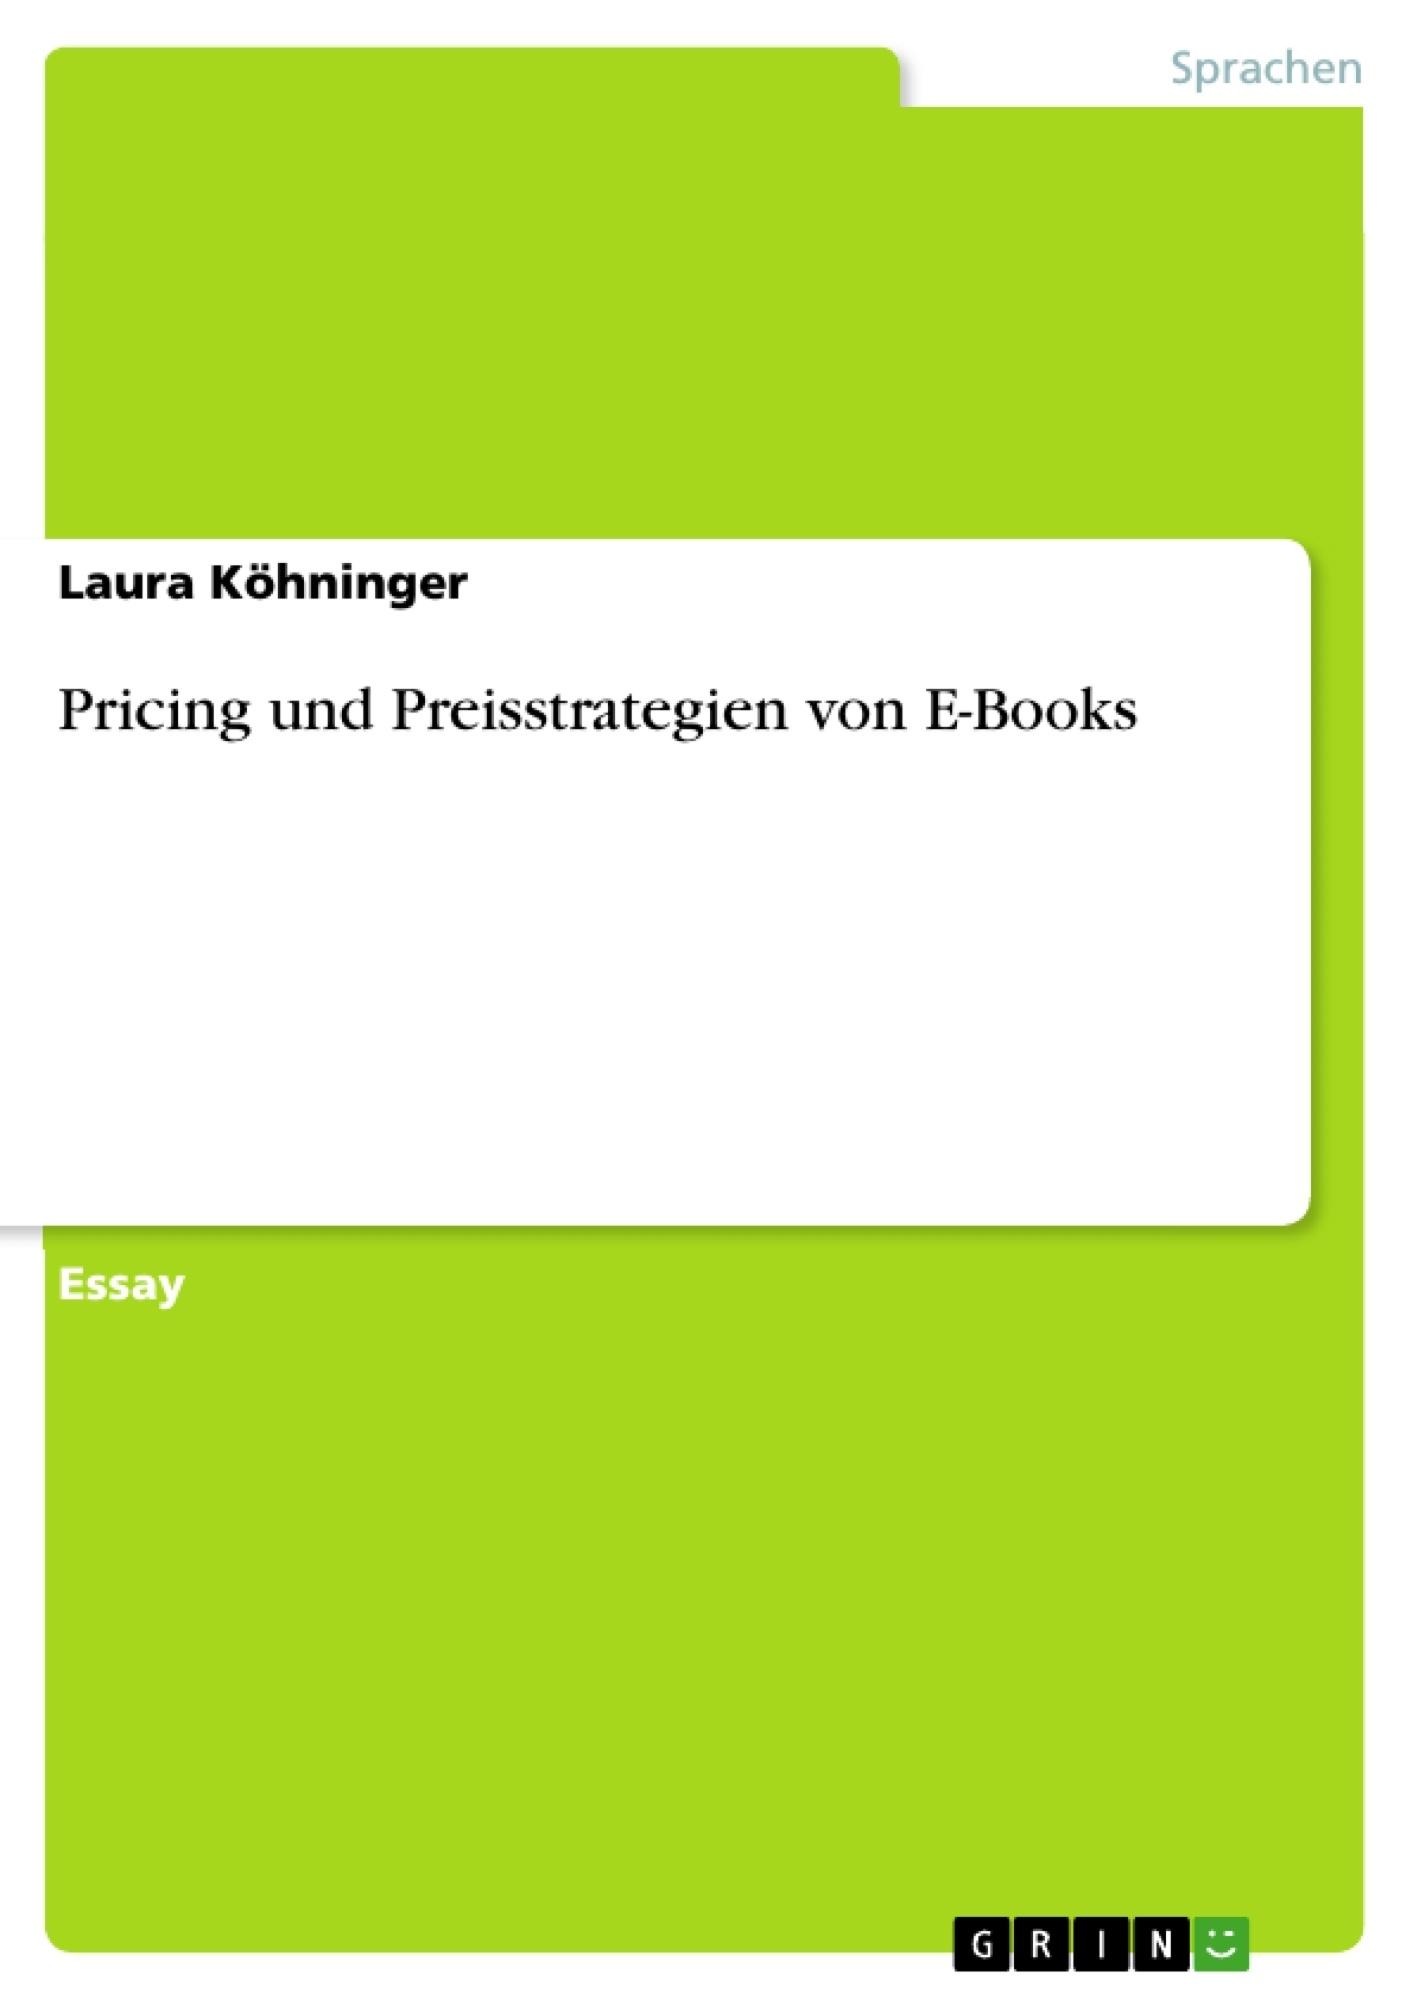 Titel: Pricing und Preisstrategien von E-Books